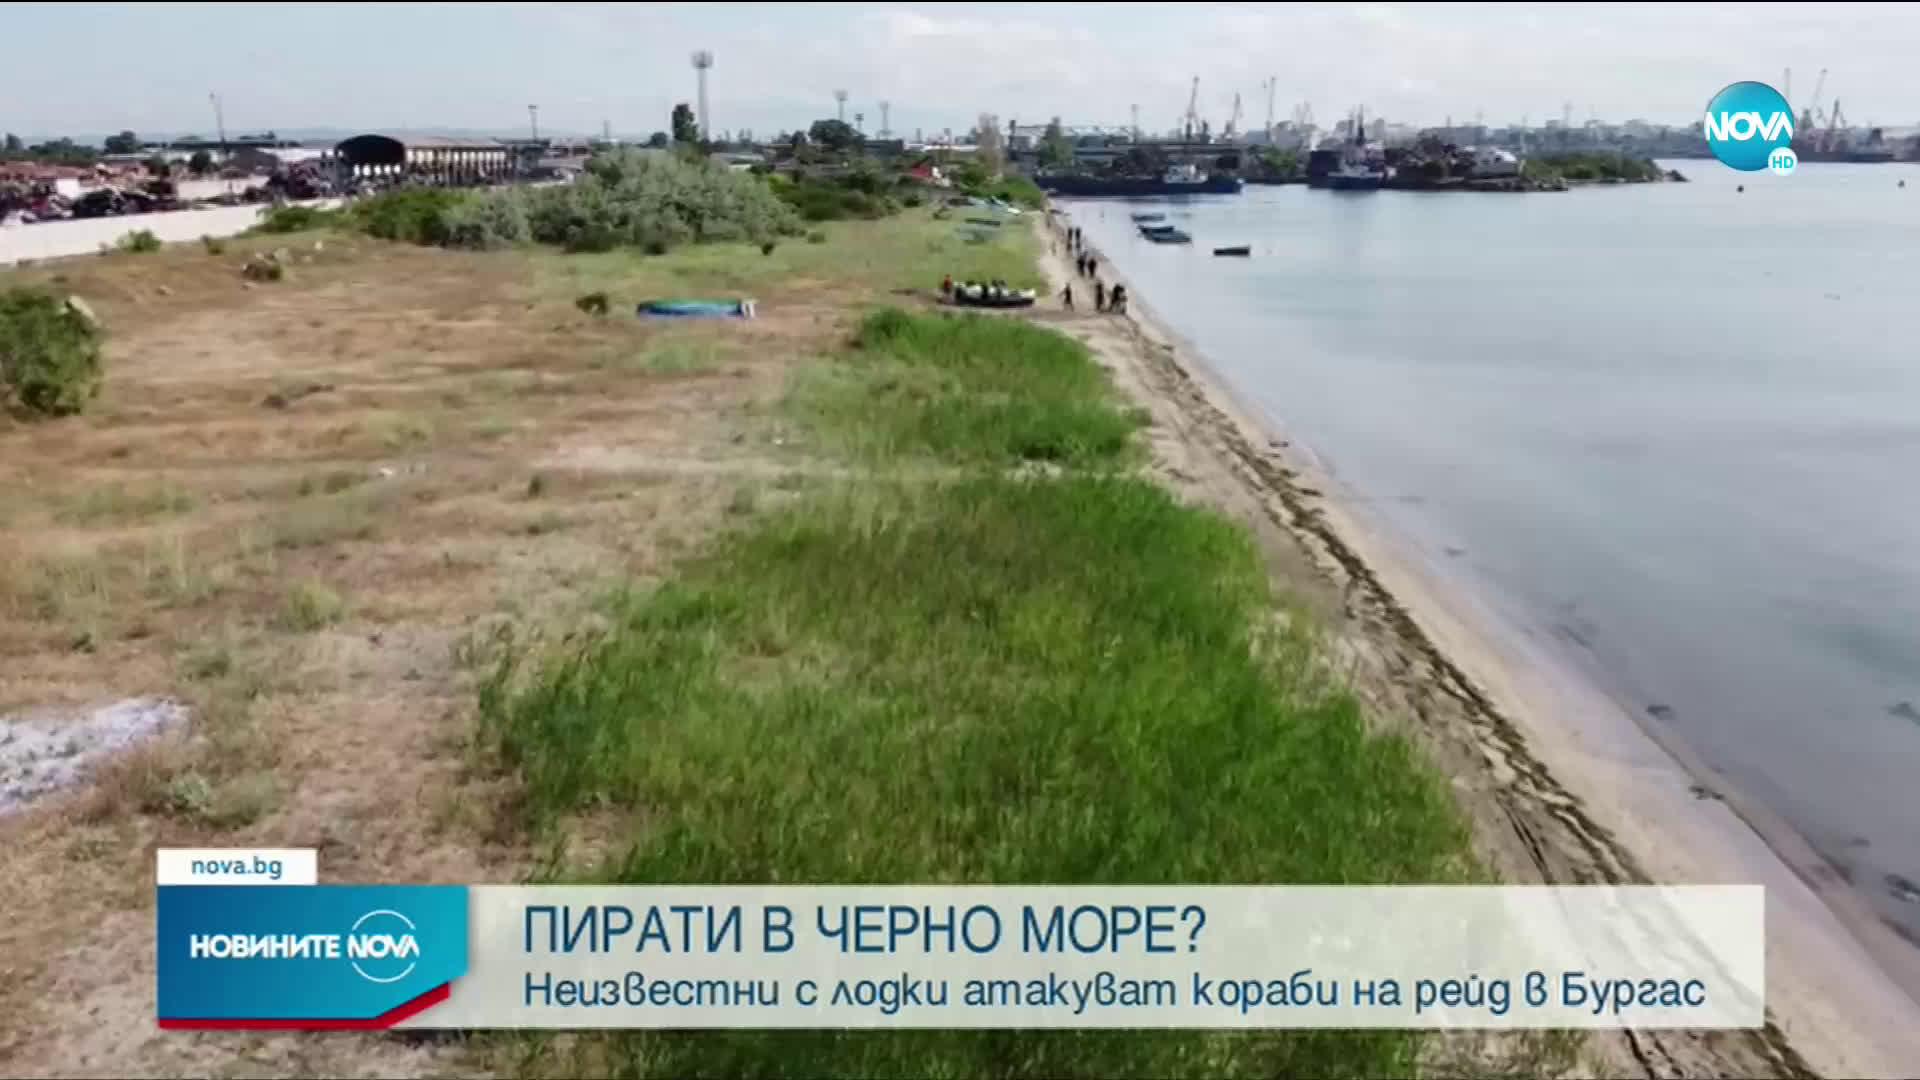 Опит за пиратско нападение срещу кораб в Бургас (ВИДЕО)